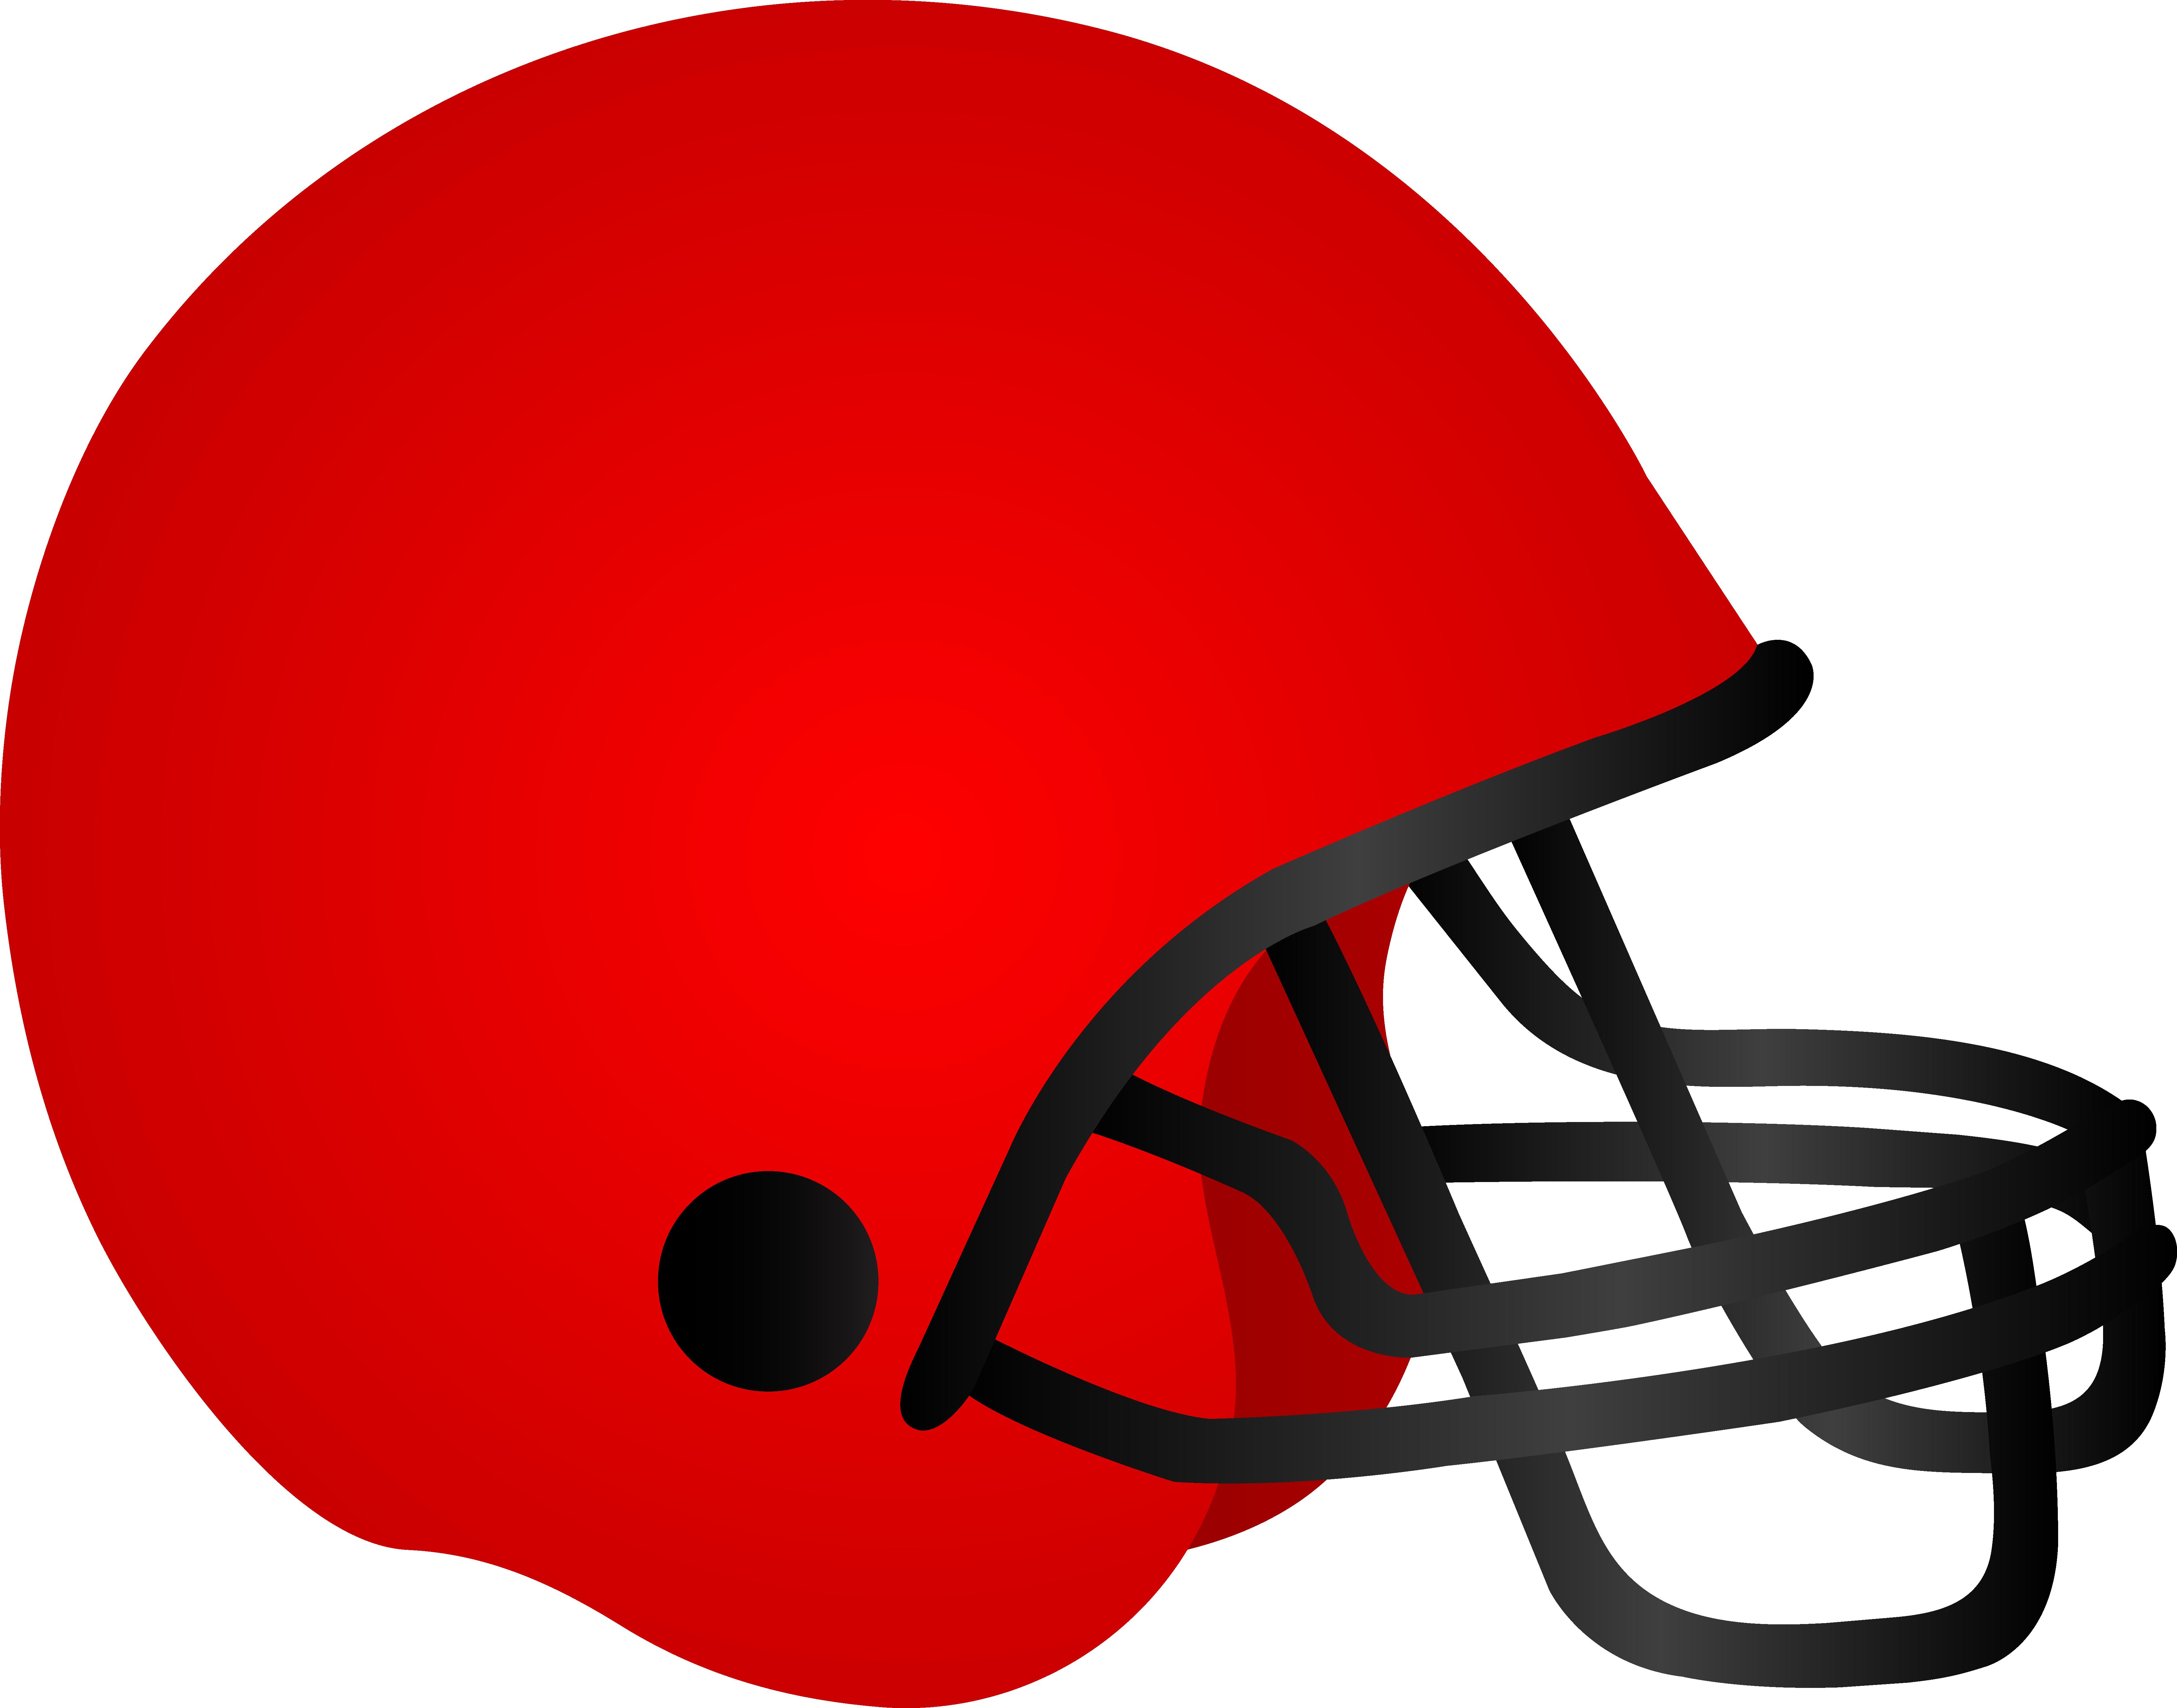 7362x5777 American Football Helmet Png